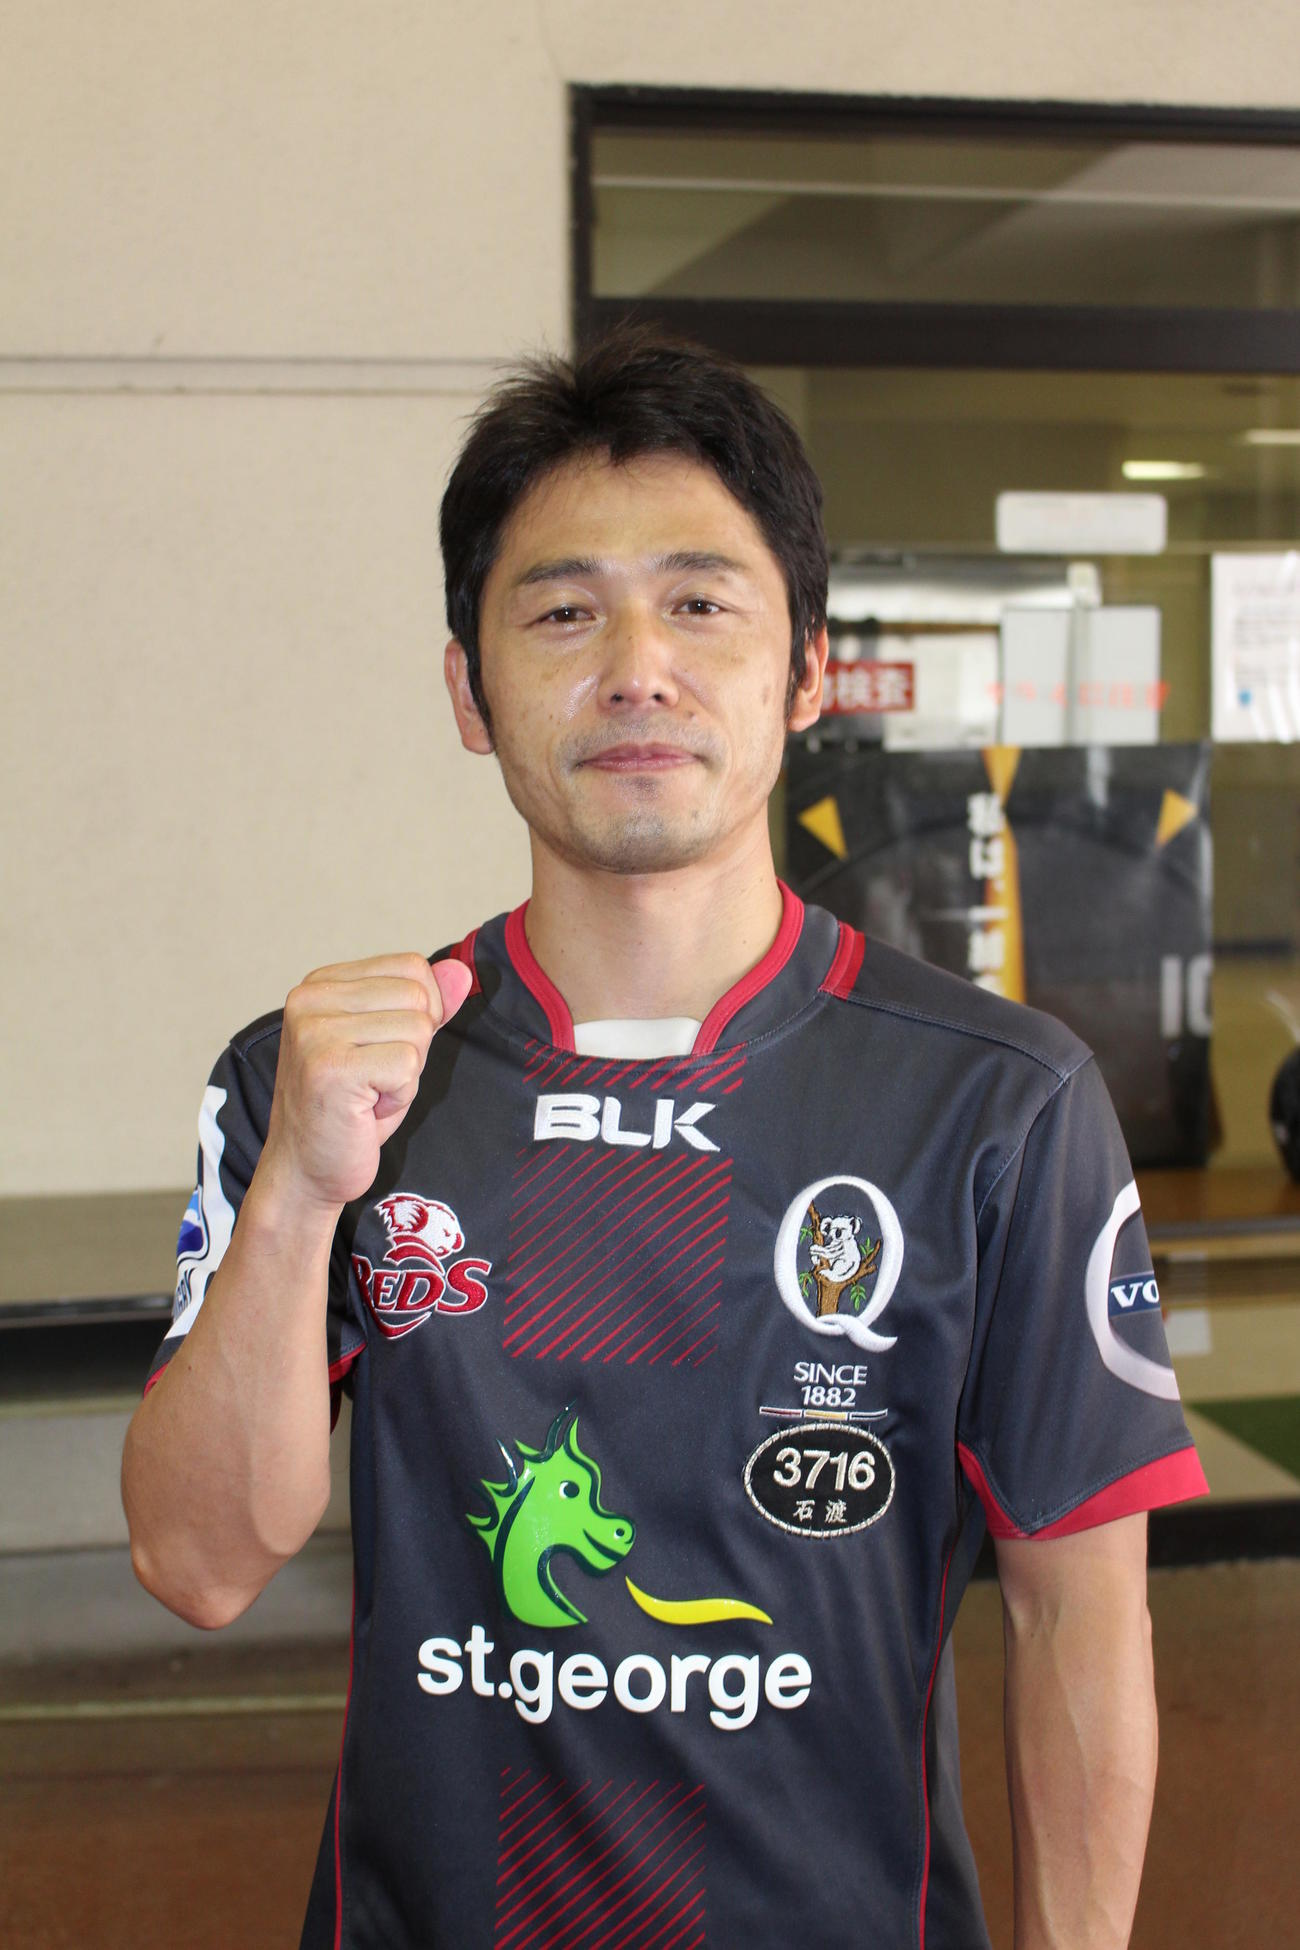 石渡鉄兵が蒲郡SGチャレンジカップへ向けて勝負中。まずは芦屋で優勝が欲しい(撮影・芹沢誠)